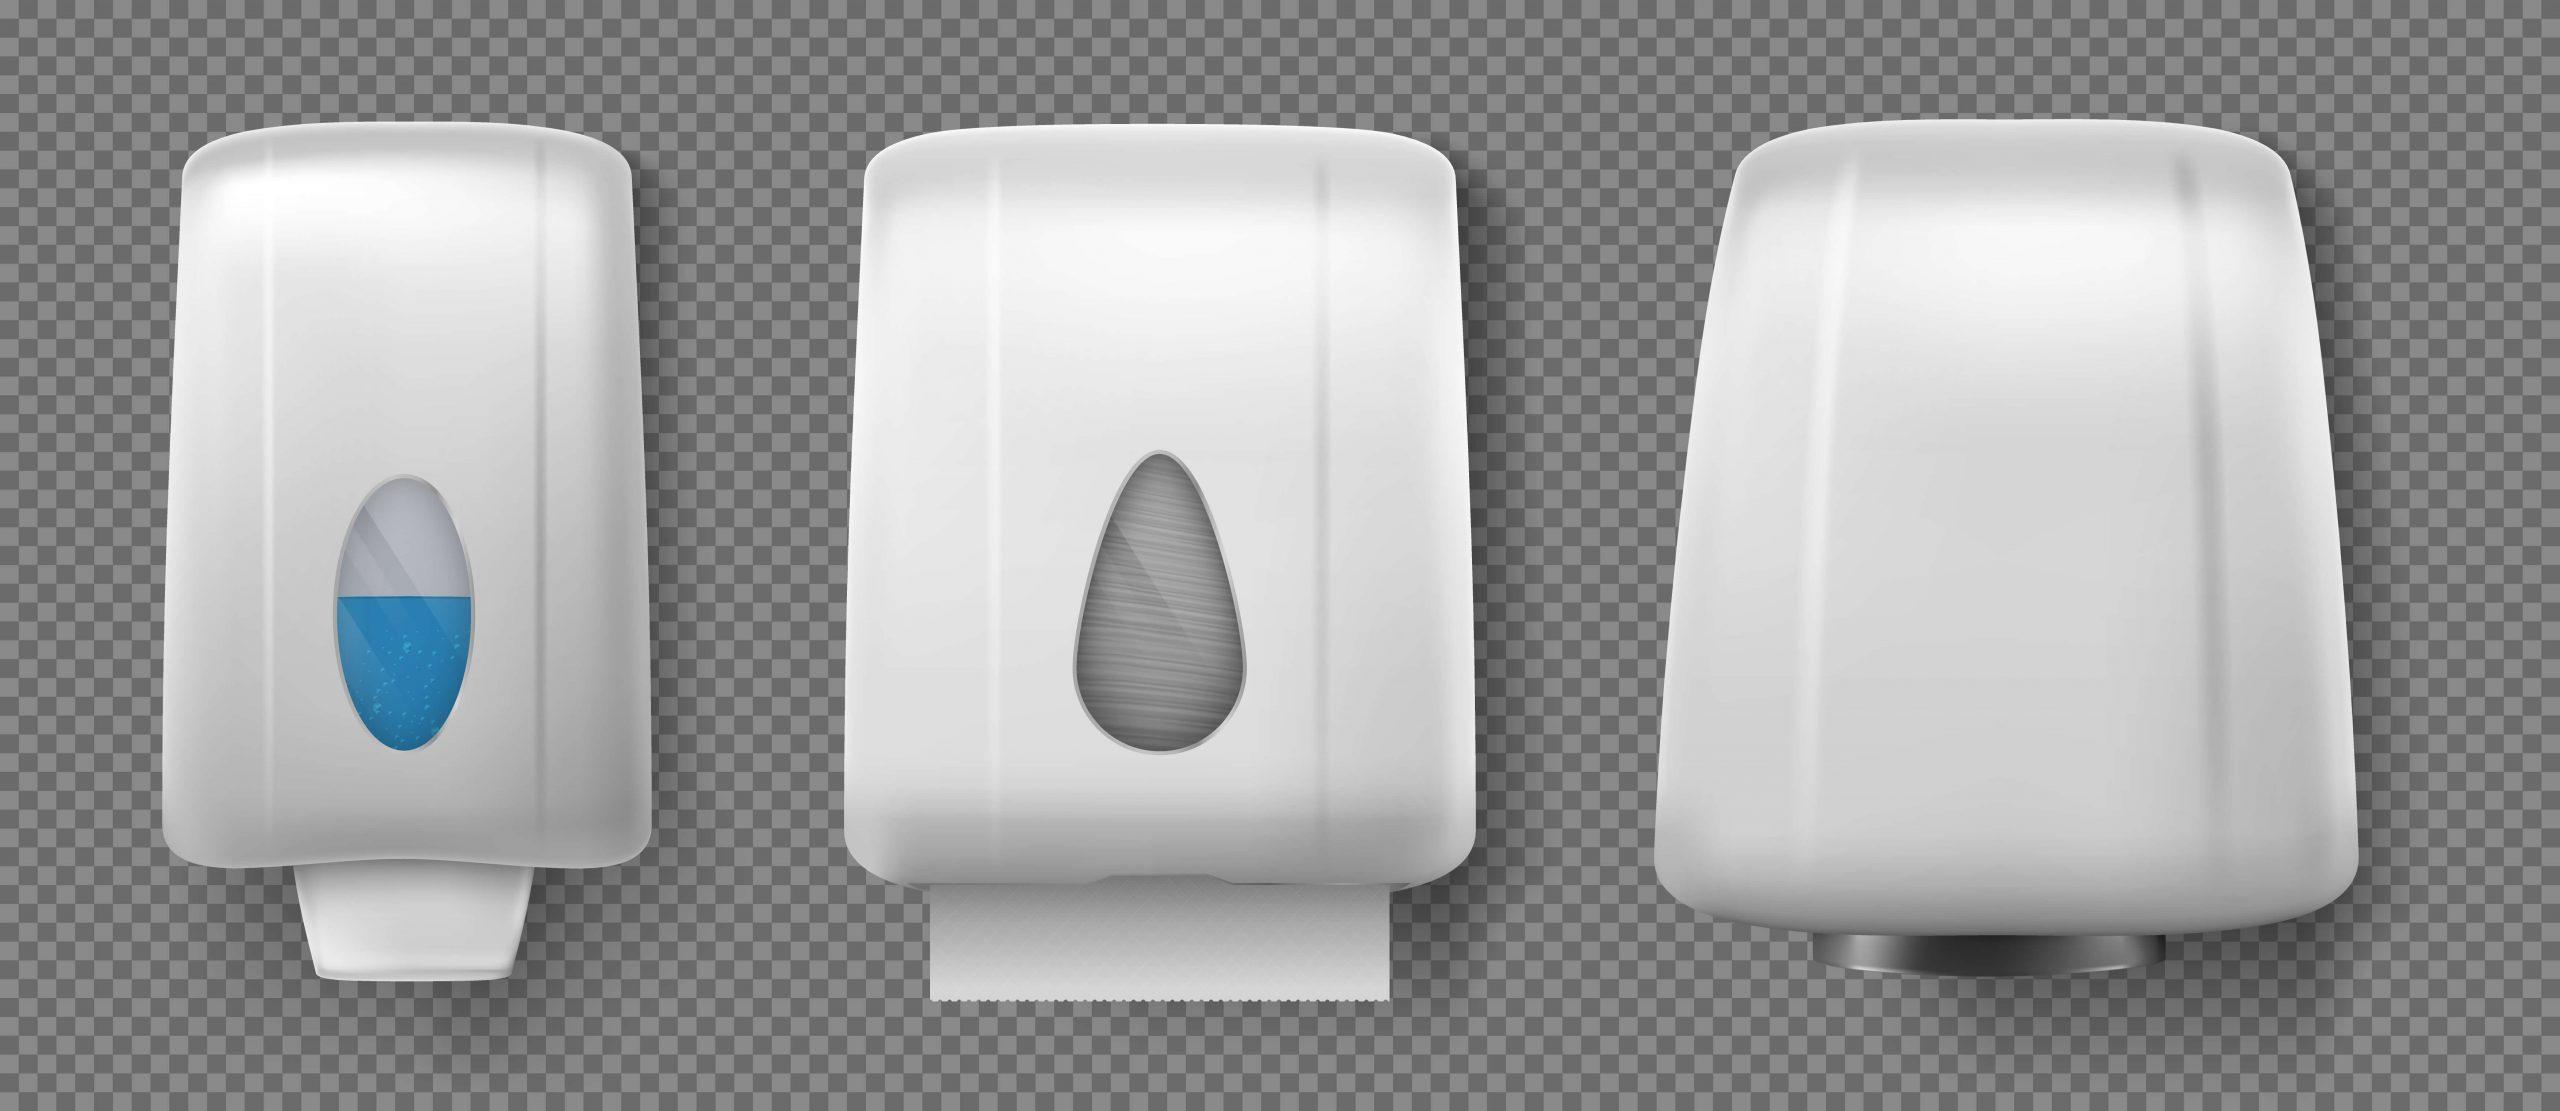 papel toalha ou secador de mãos